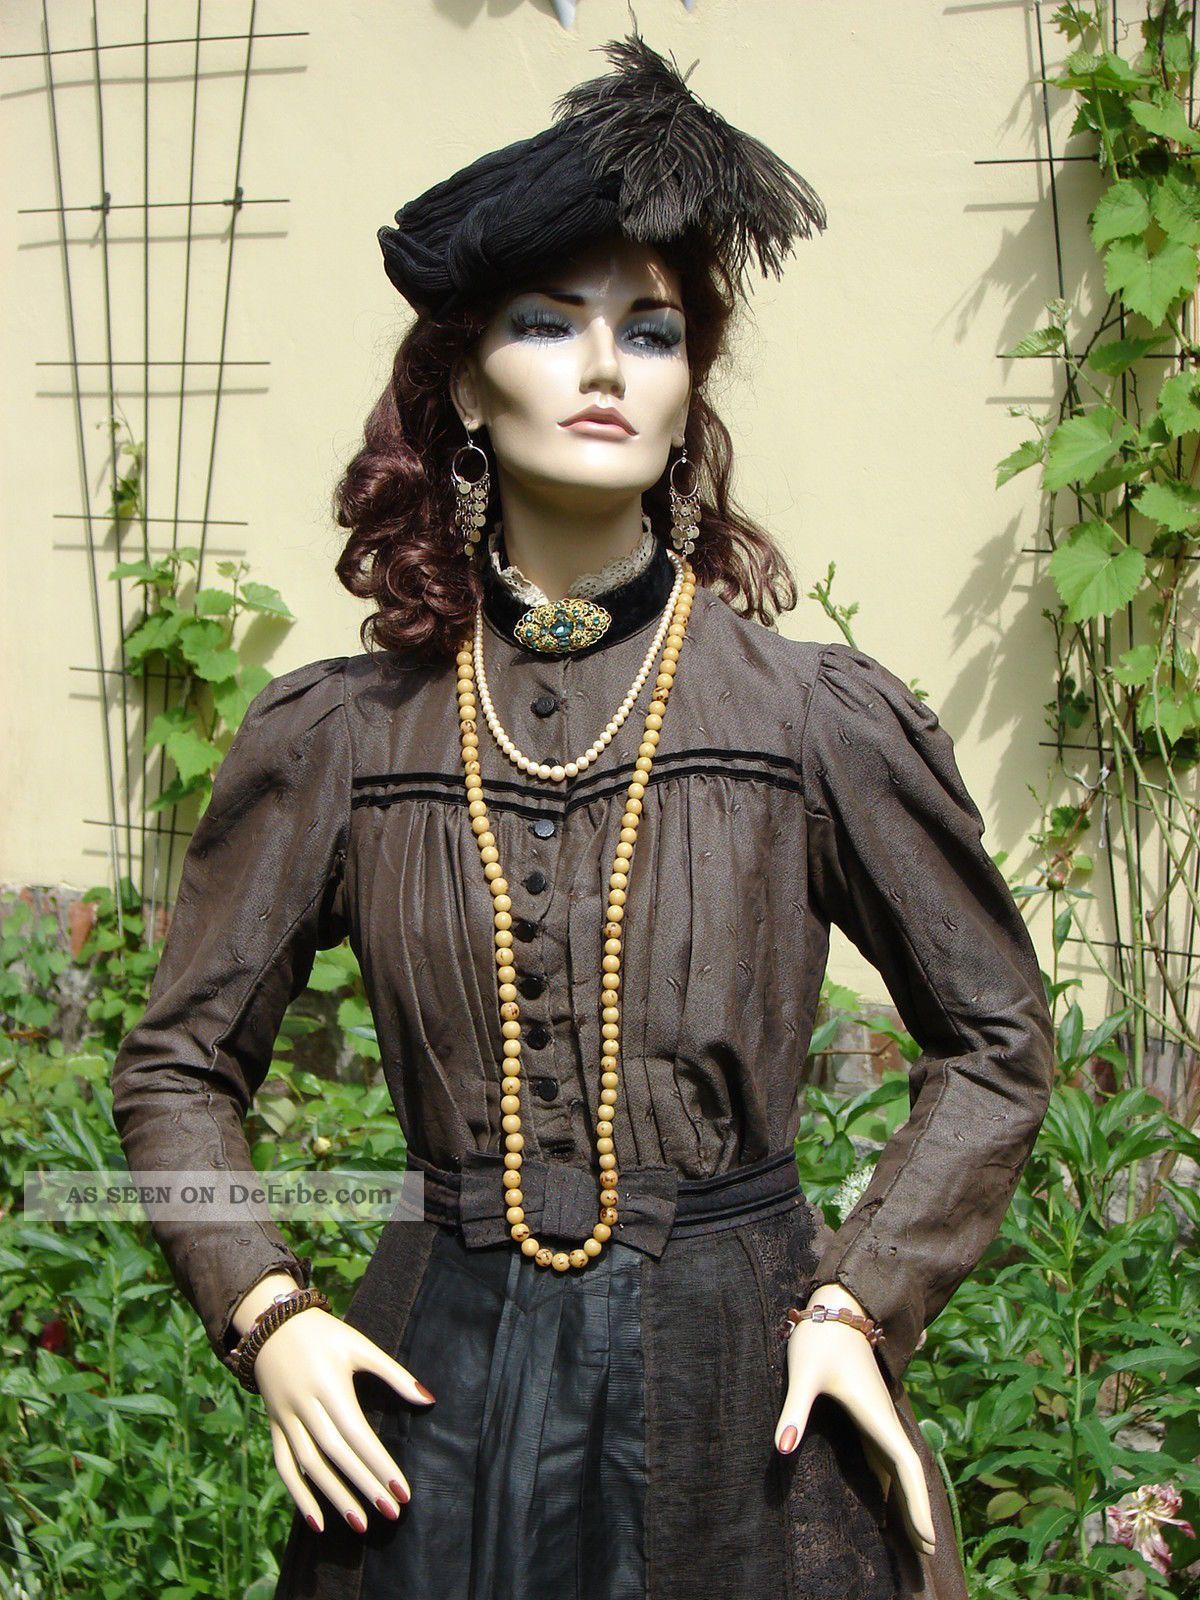 O. Antikes Tournürenkleid Mit Hut Bustle Kleid Krinolinenkleid Cul De Paris 1870